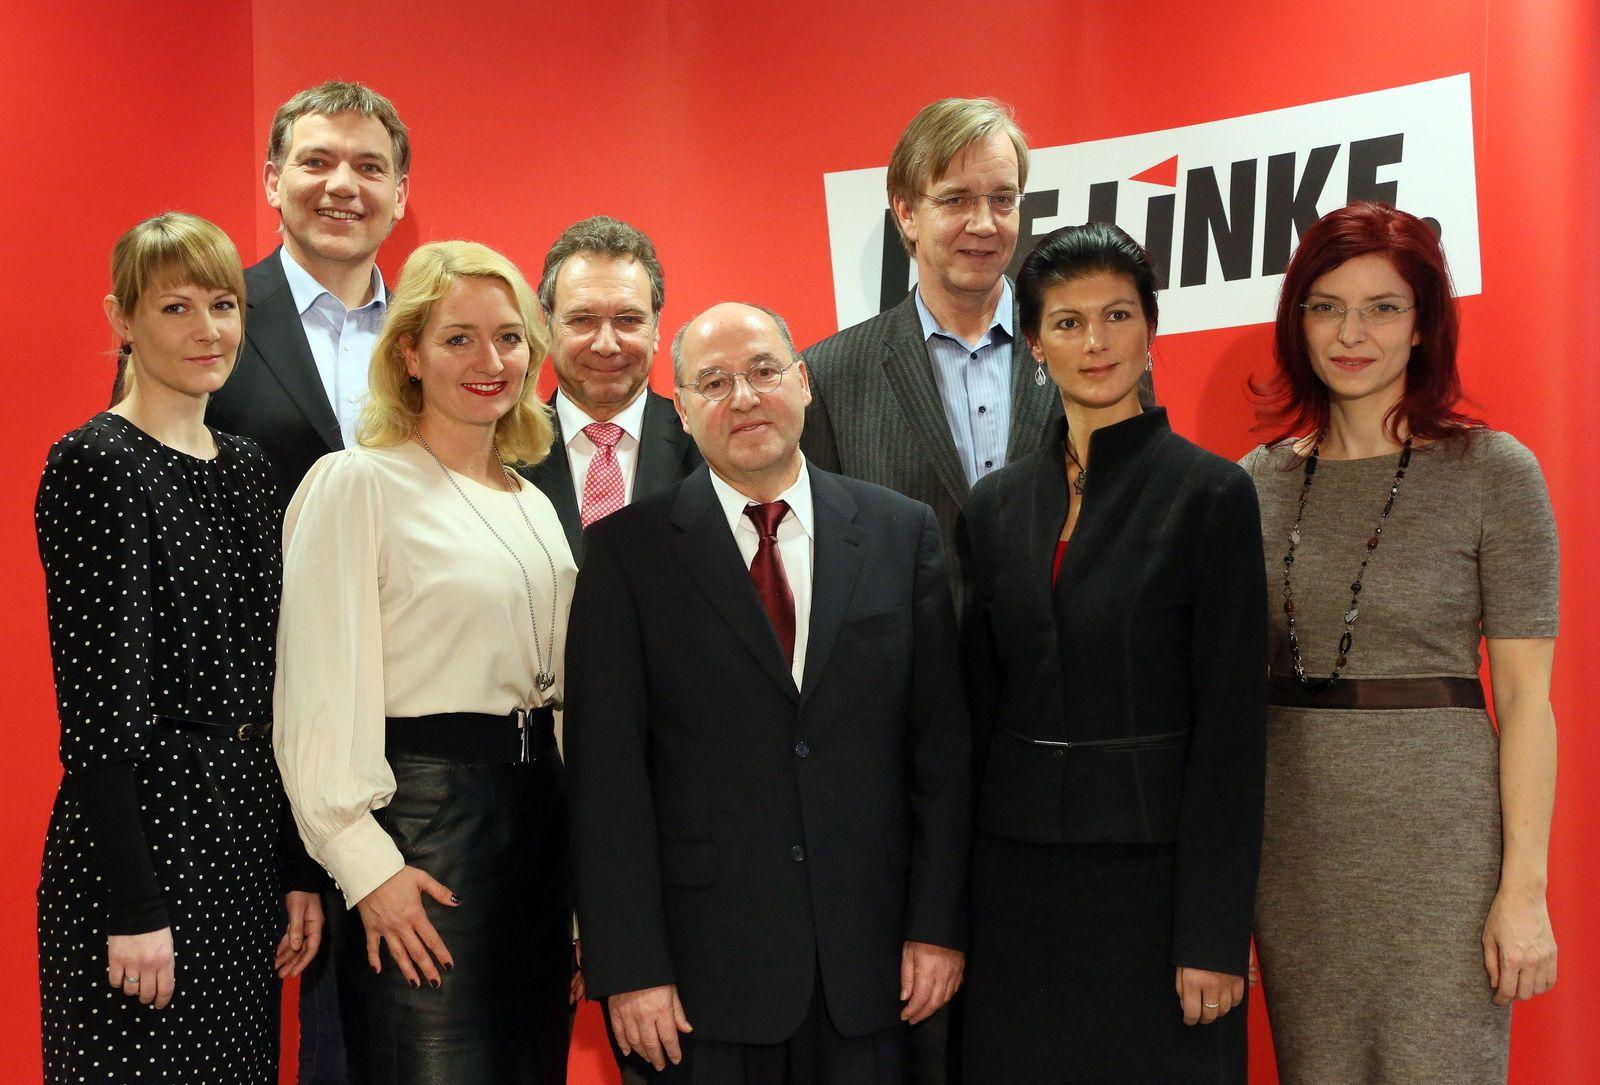 Linke, Spitzenteam für die Bundestagswahl